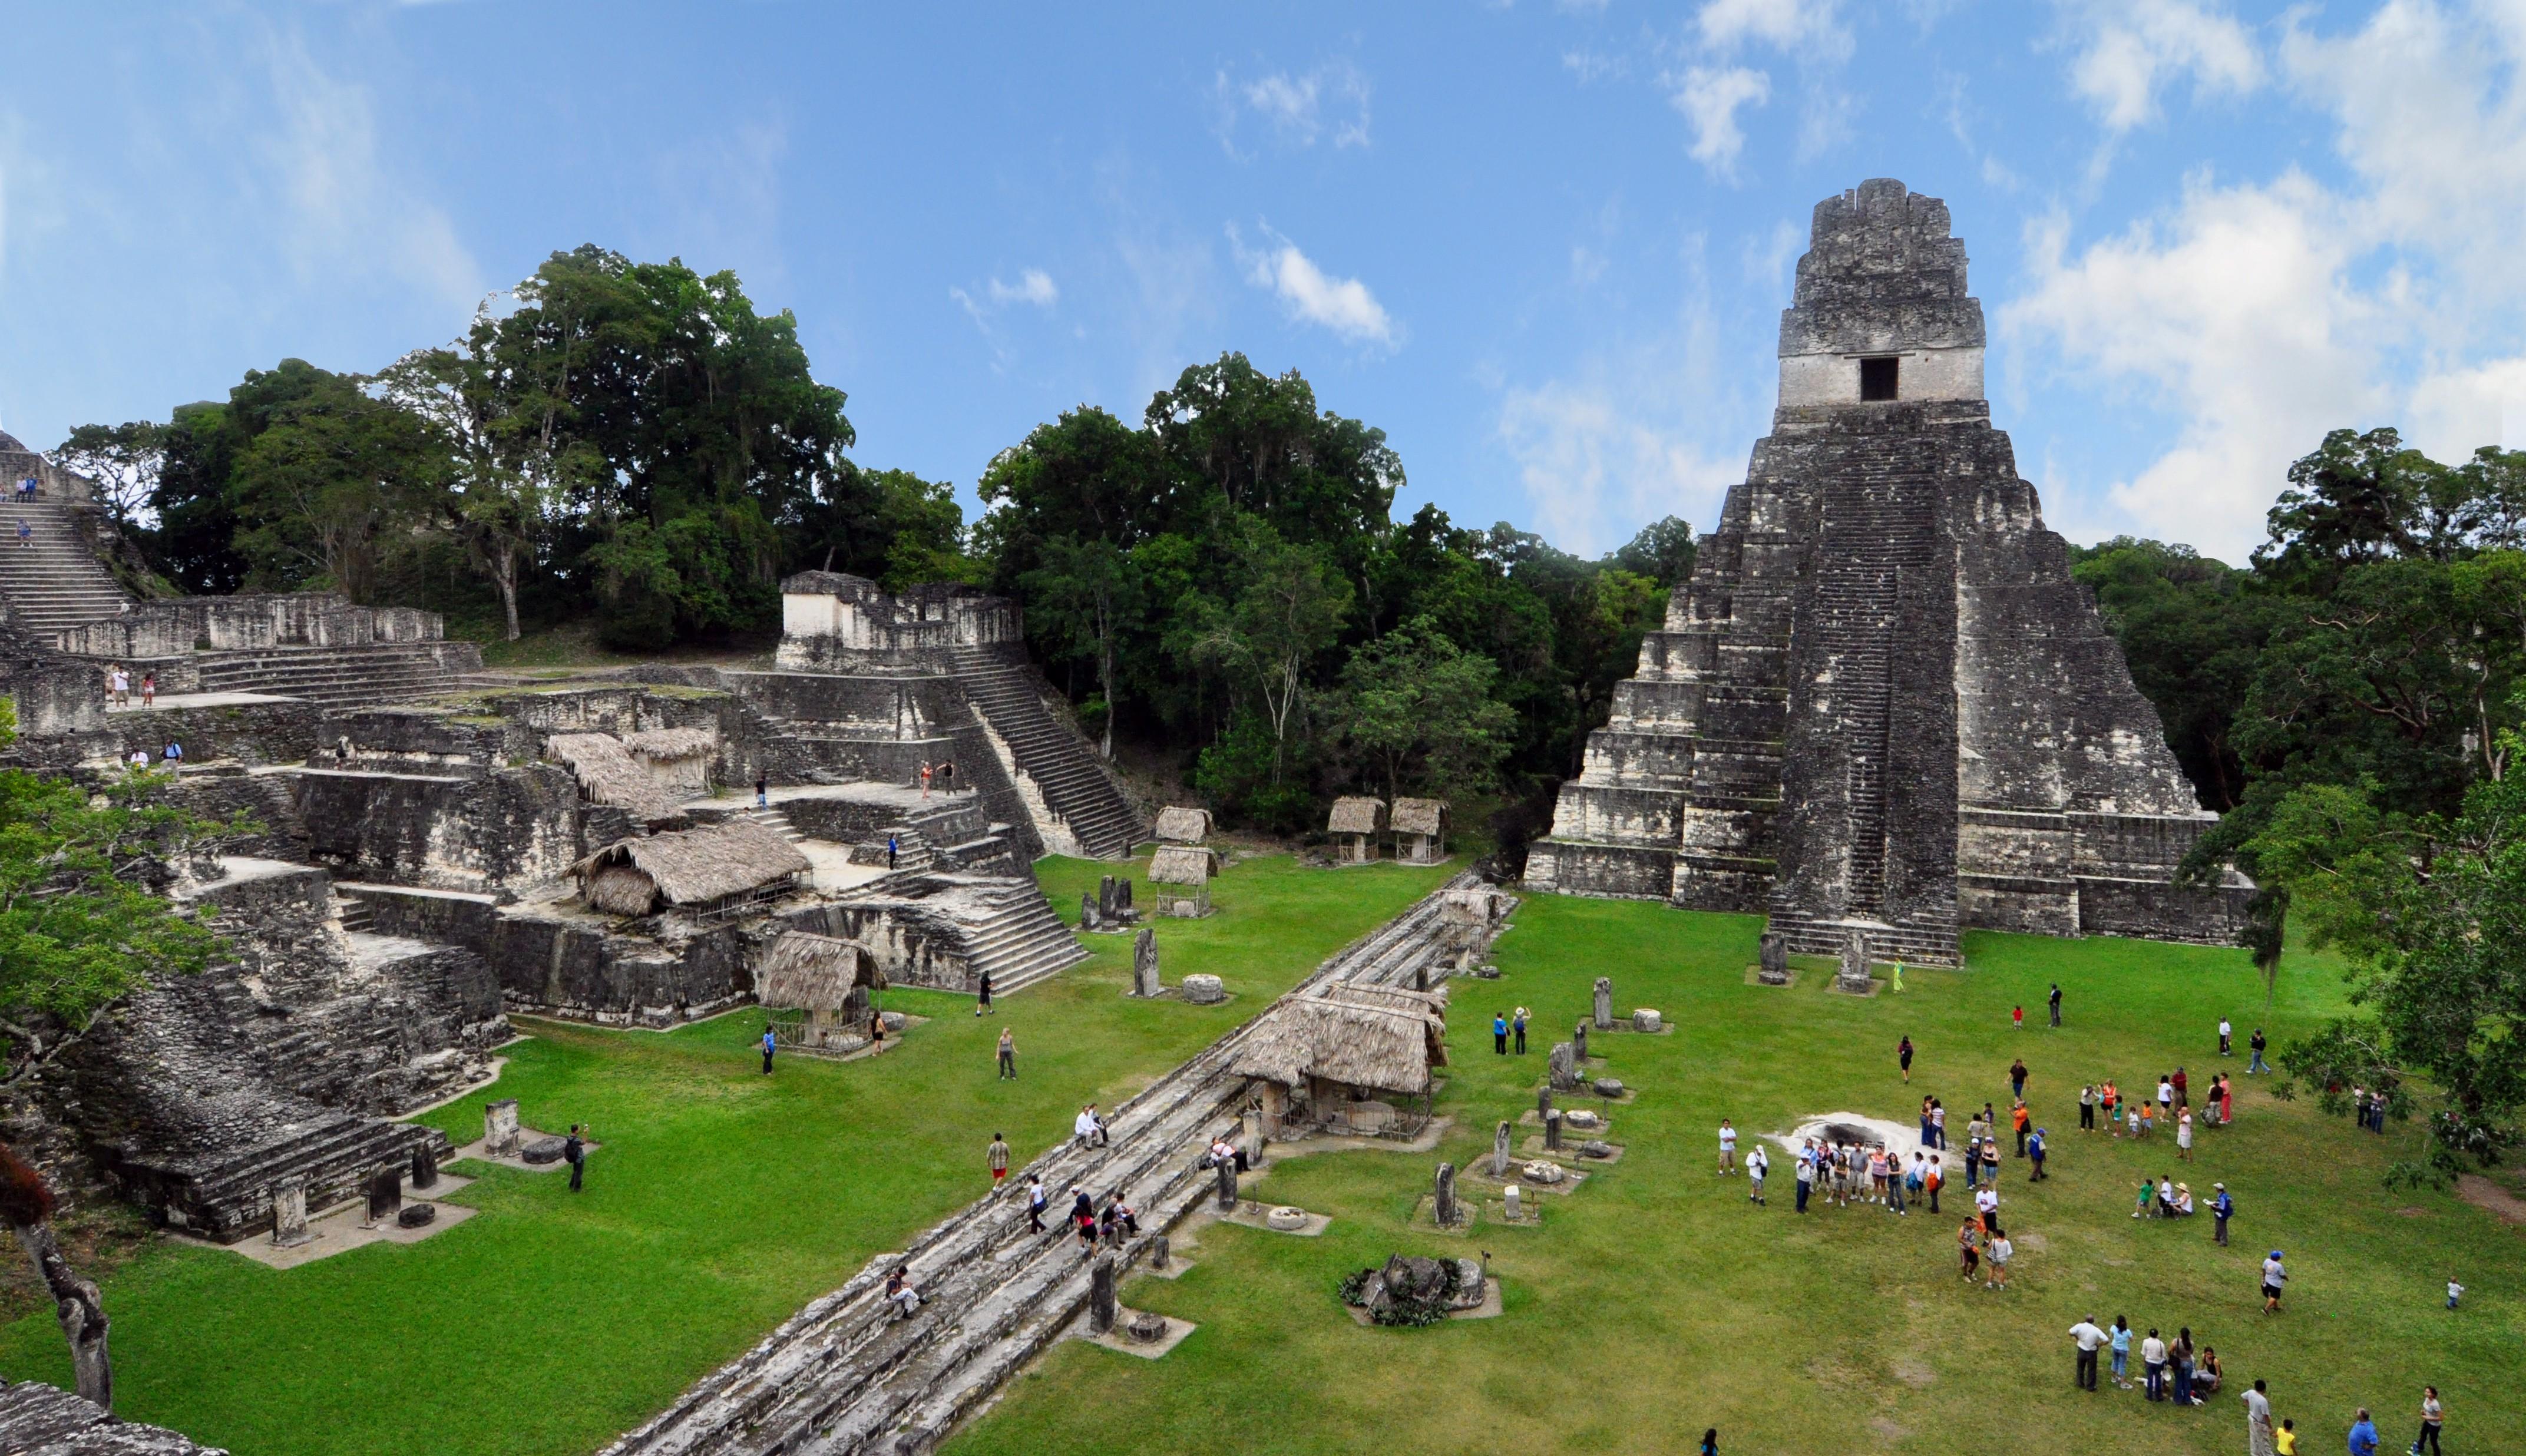 cidade maia descoberta por garoto de 15 anos j foi estudada por arque logos galileu ci ncia. Black Bedroom Furniture Sets. Home Design Ideas